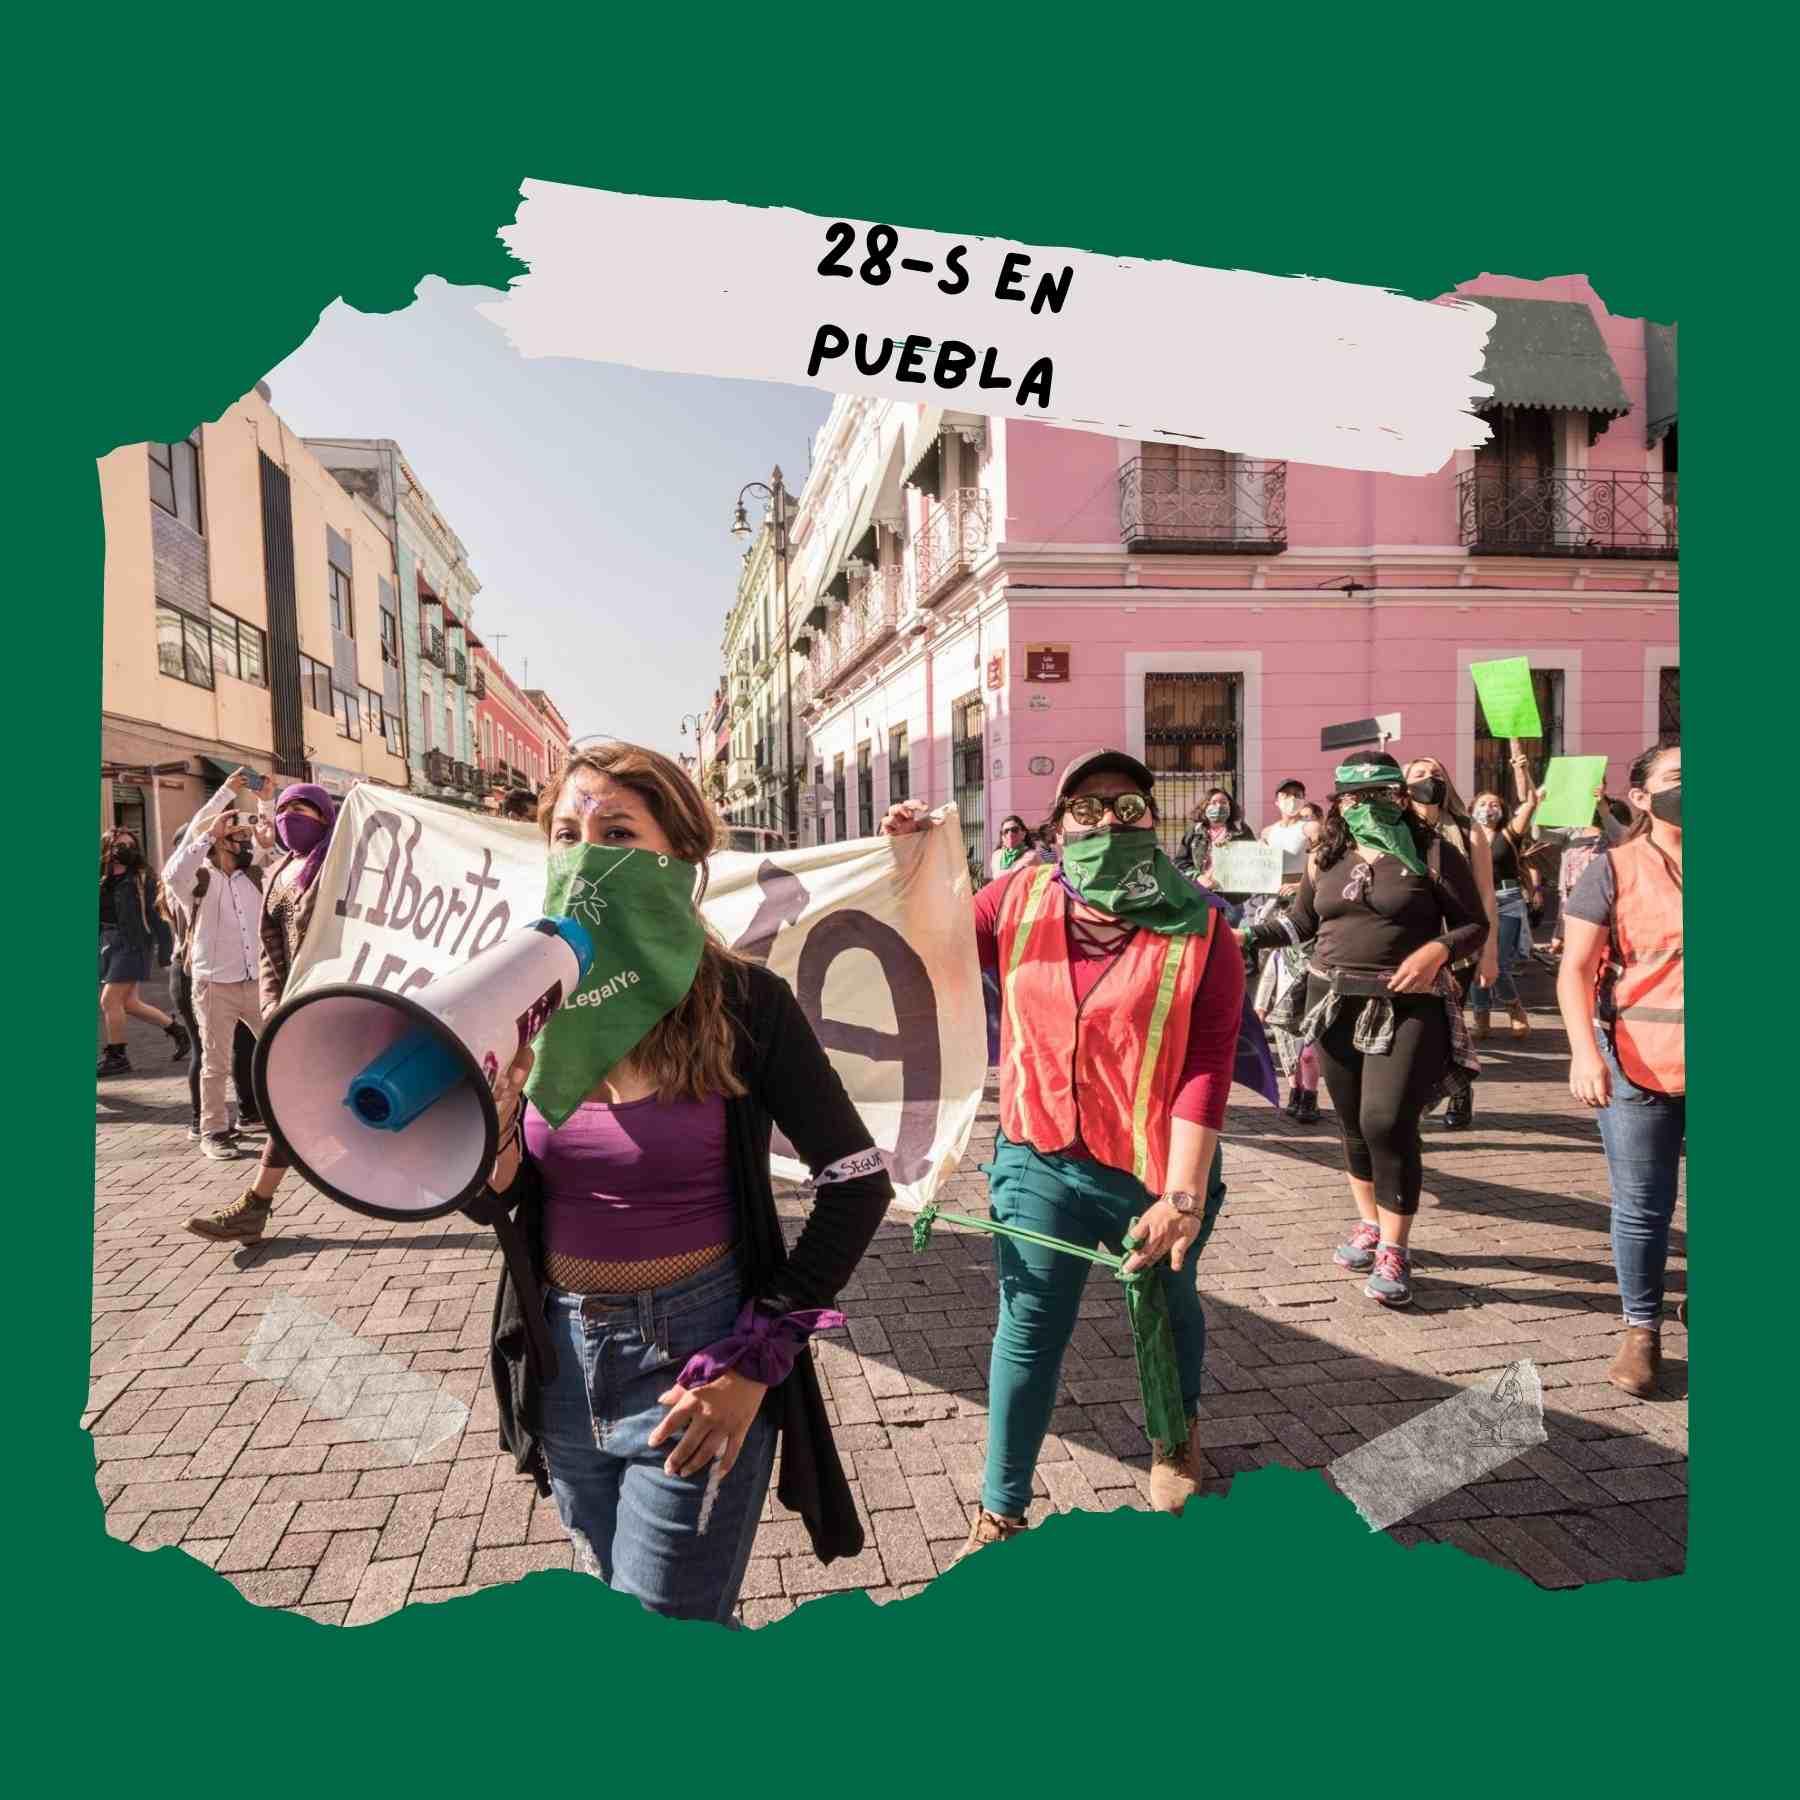 despenalización del aborto Puebla 28 de septiembre 2021